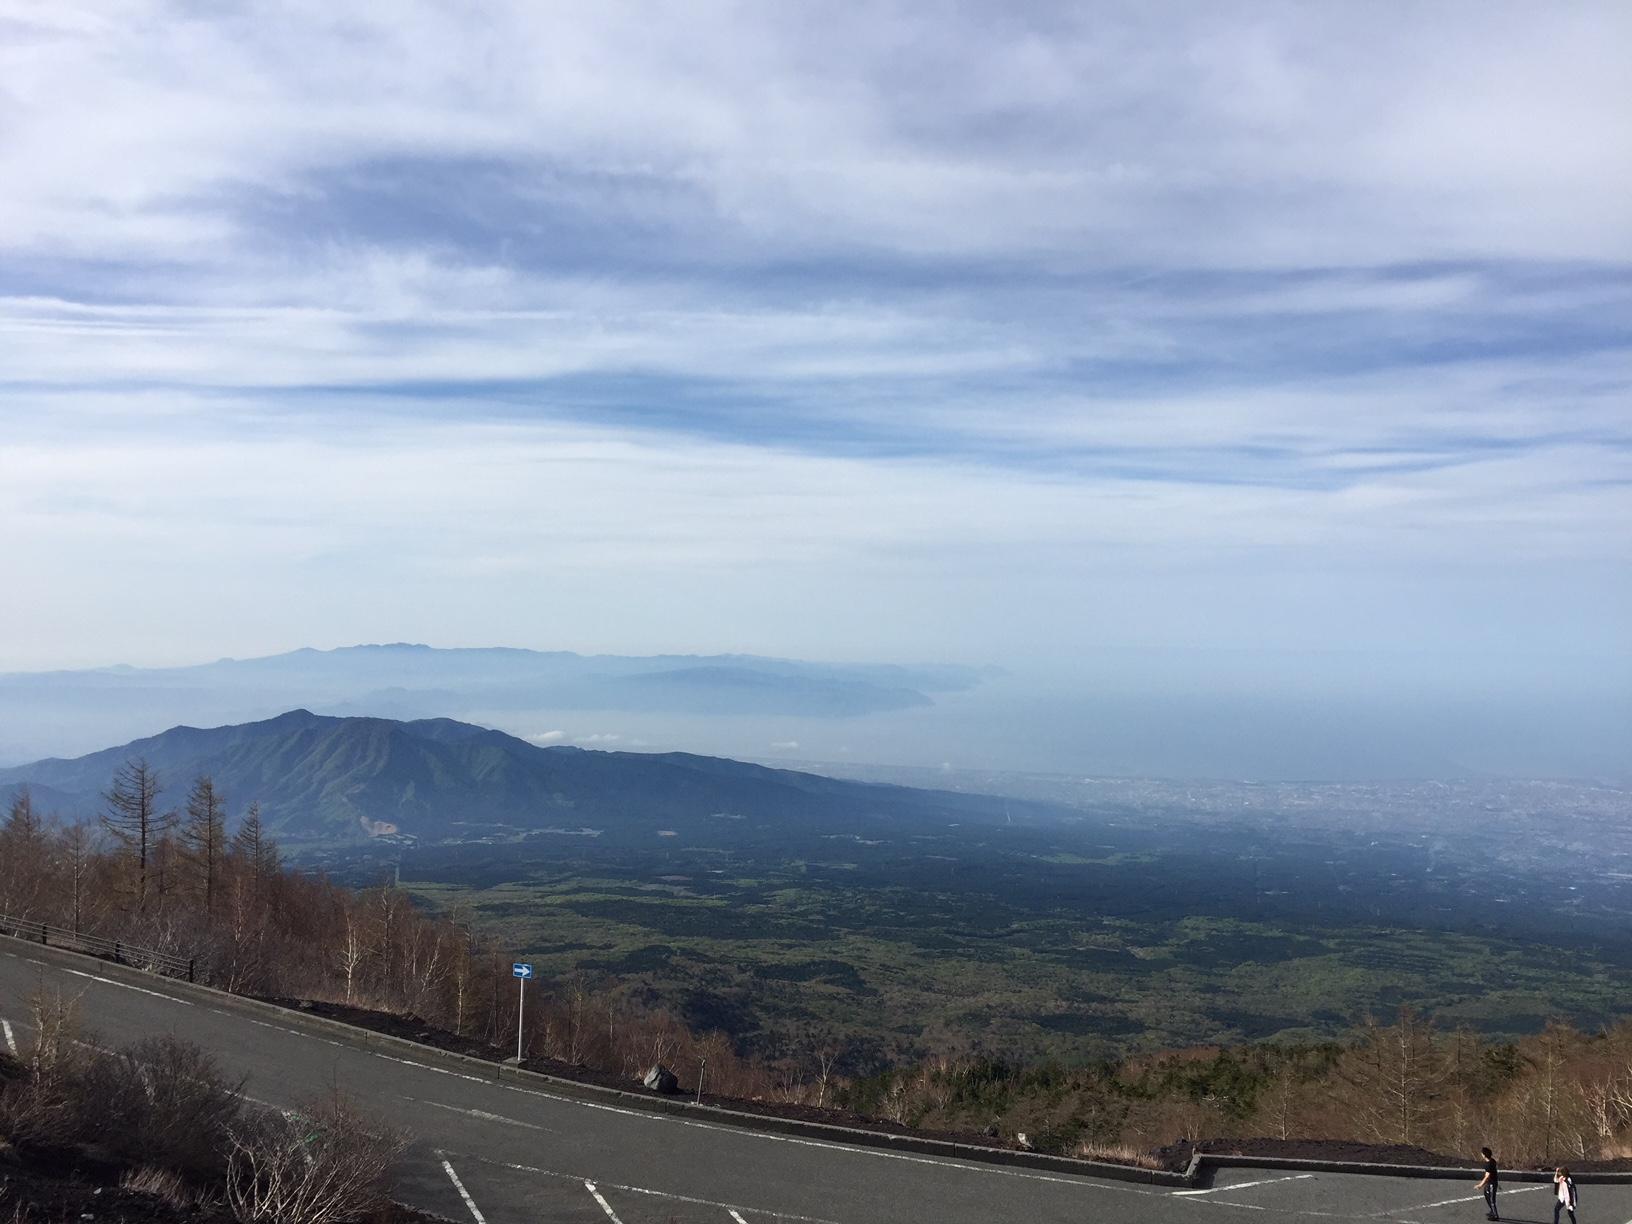 6:50 海岸線、伊豆半島がはっきり見えた。